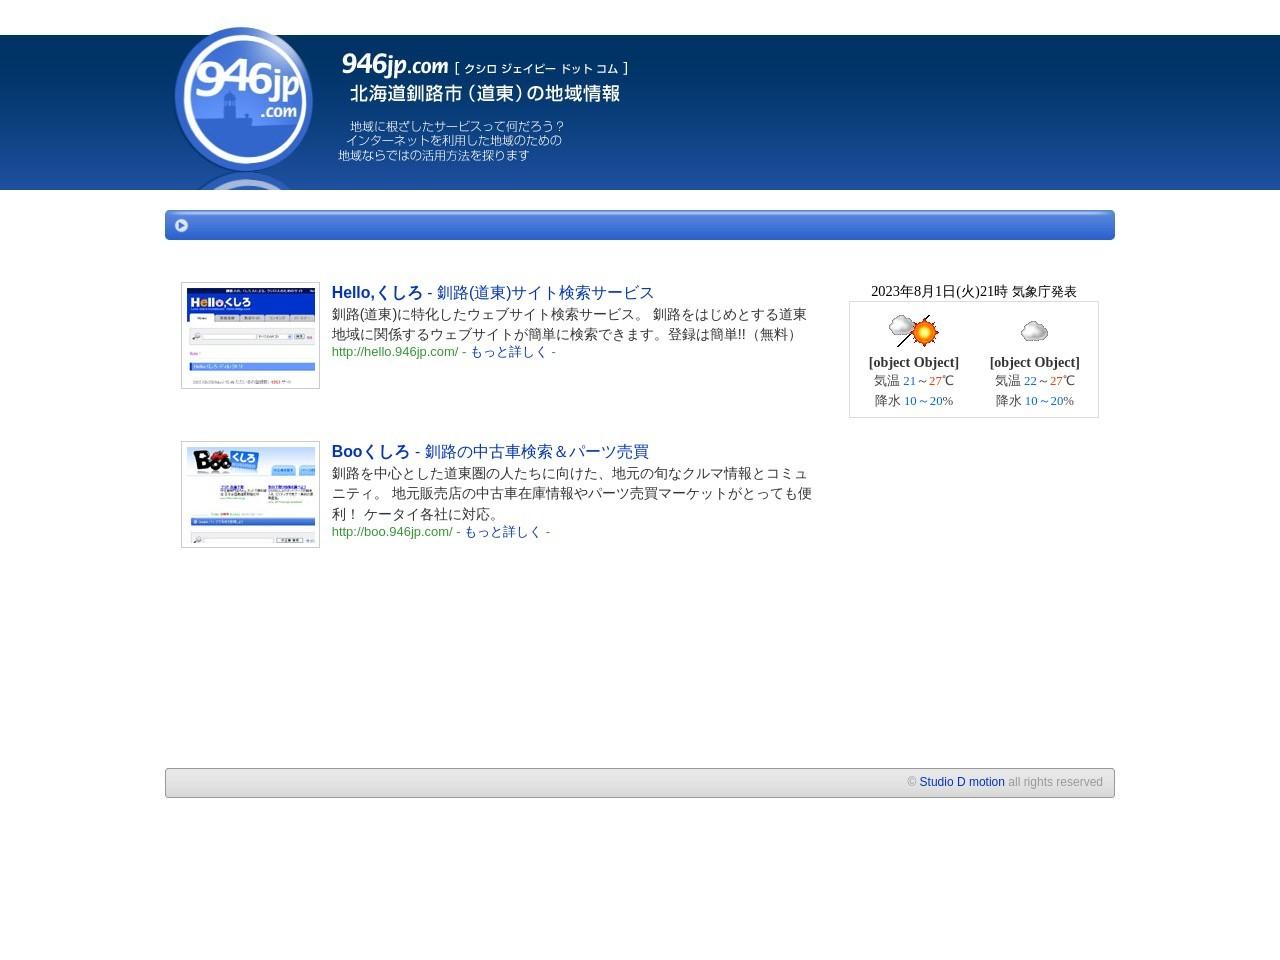 釧路ジェイピードットコム - 946JP.com